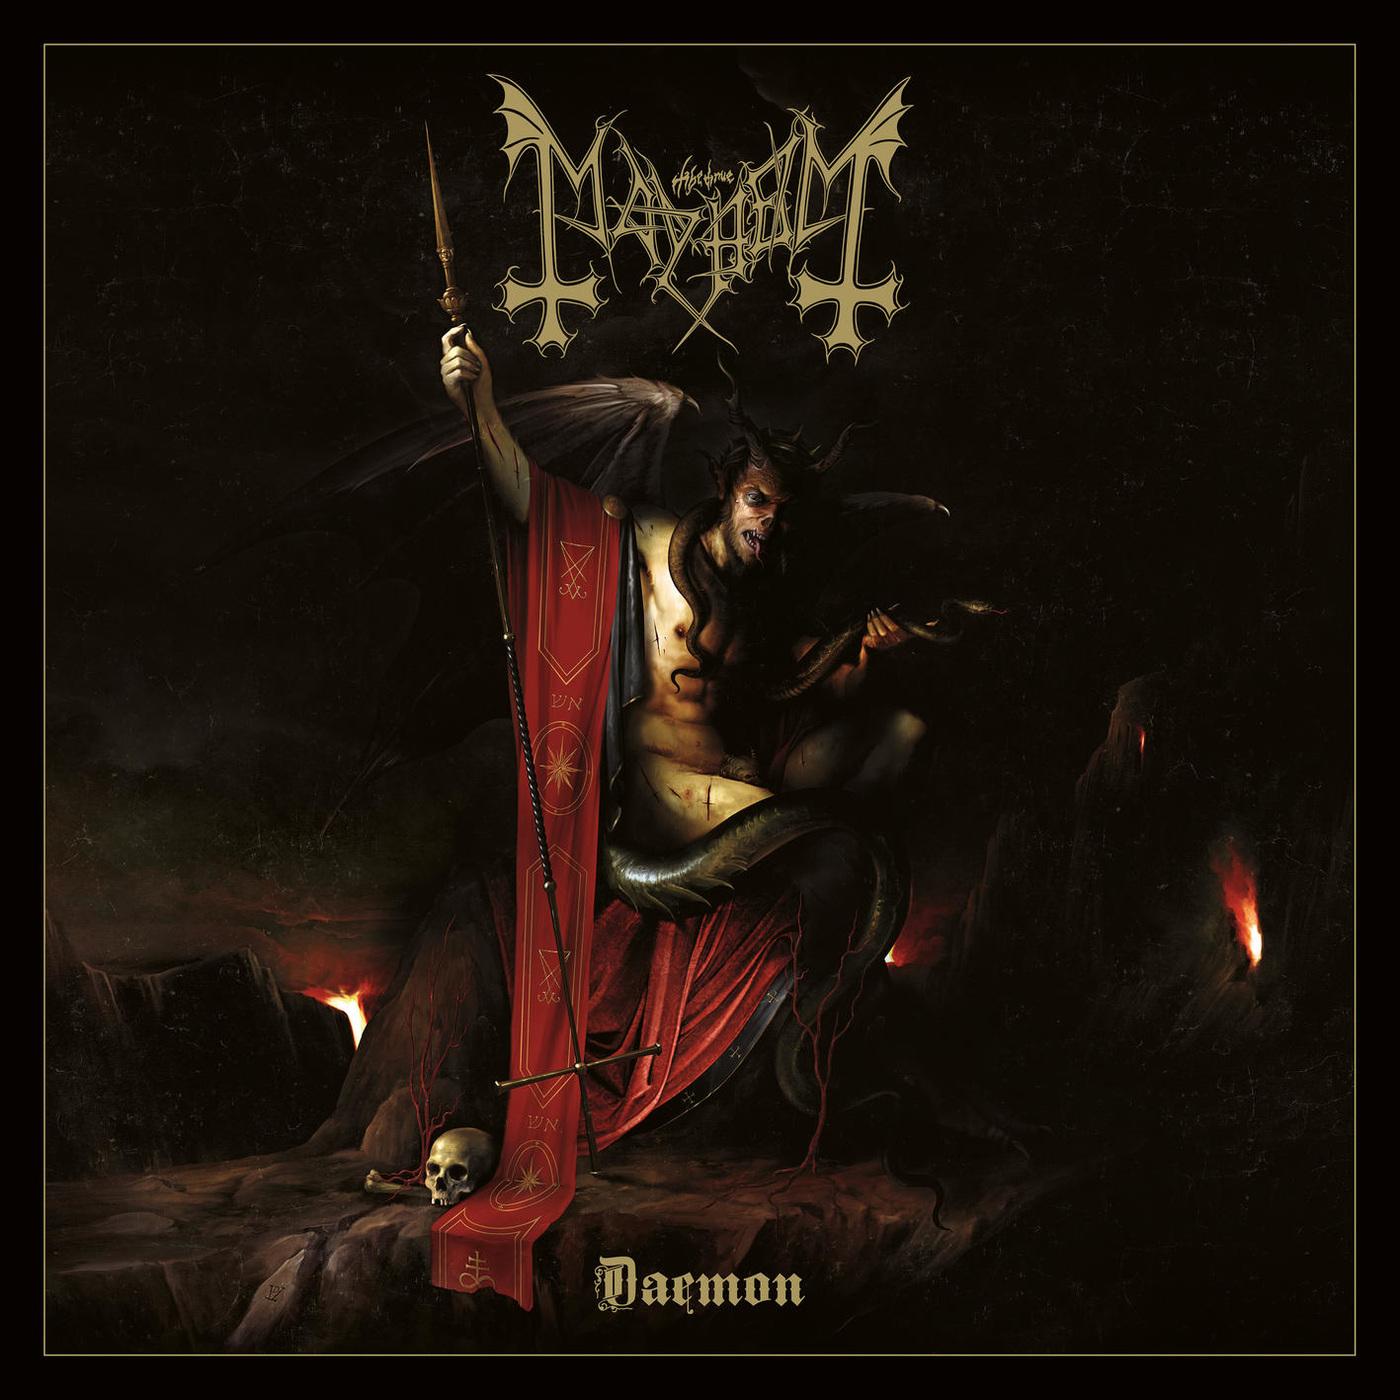 Mayhem - Worthless Abominations Destroyed (Single) (2019)